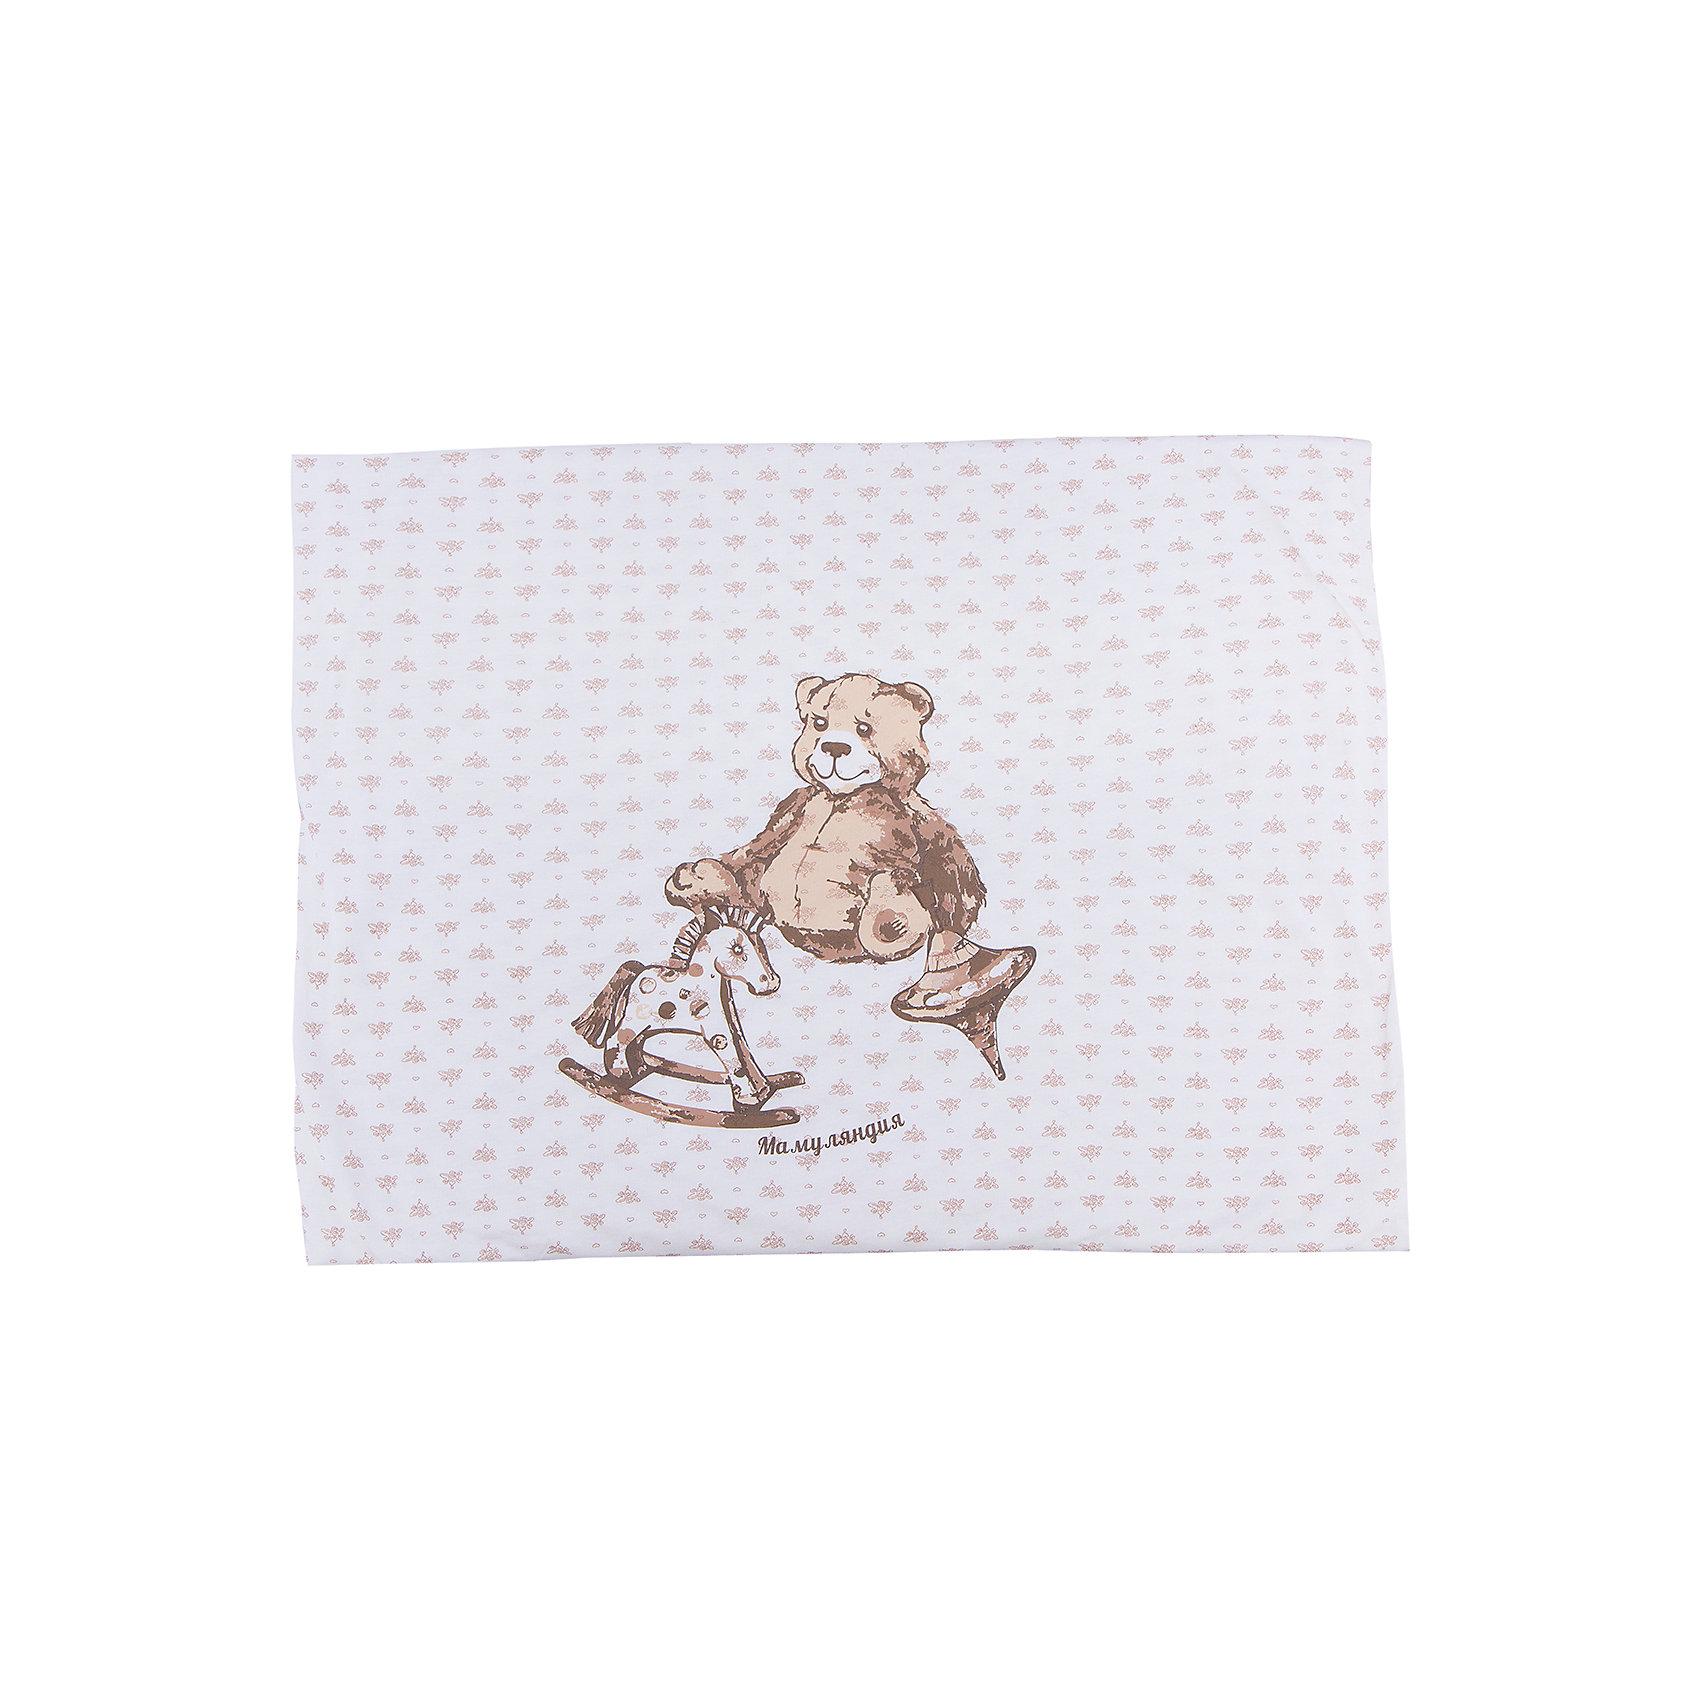 Комплект постельного белья  МамуляндияПледы и одеяла<br>Комплект постельного белья из 3-х предметов. Все предметы продуманы до мелочей: пододеяльник на кнопках, простыня на резинке, комплект выполнен из трикотажноготна высшего качества (пенье) с фирменным набивным рисунком Мамуляндия, украшен гипоаллергенным принтом на водной основе. Дополнительно можно приобрести пижаму из этой же коллекции. <br>В комплект входят: простыня на резинке 60х120 см, наволочка 40х60 см, пододеяльник на кнопках 112х145 см.<br>Рекомендации по уходу: стирать при 40 С, гладить при средней температуре. 100% хлопок<br><br>Ширина мм: 170<br>Глубина мм: 157<br>Высота мм: 67<br>Вес г: 117<br>Цвет: разноцветный<br>Возраст от месяцев: 0<br>Возраст до месяцев: 24<br>Пол: Унисекс<br>Возраст: Детский<br>Размер: one size<br>SKU: 4735746